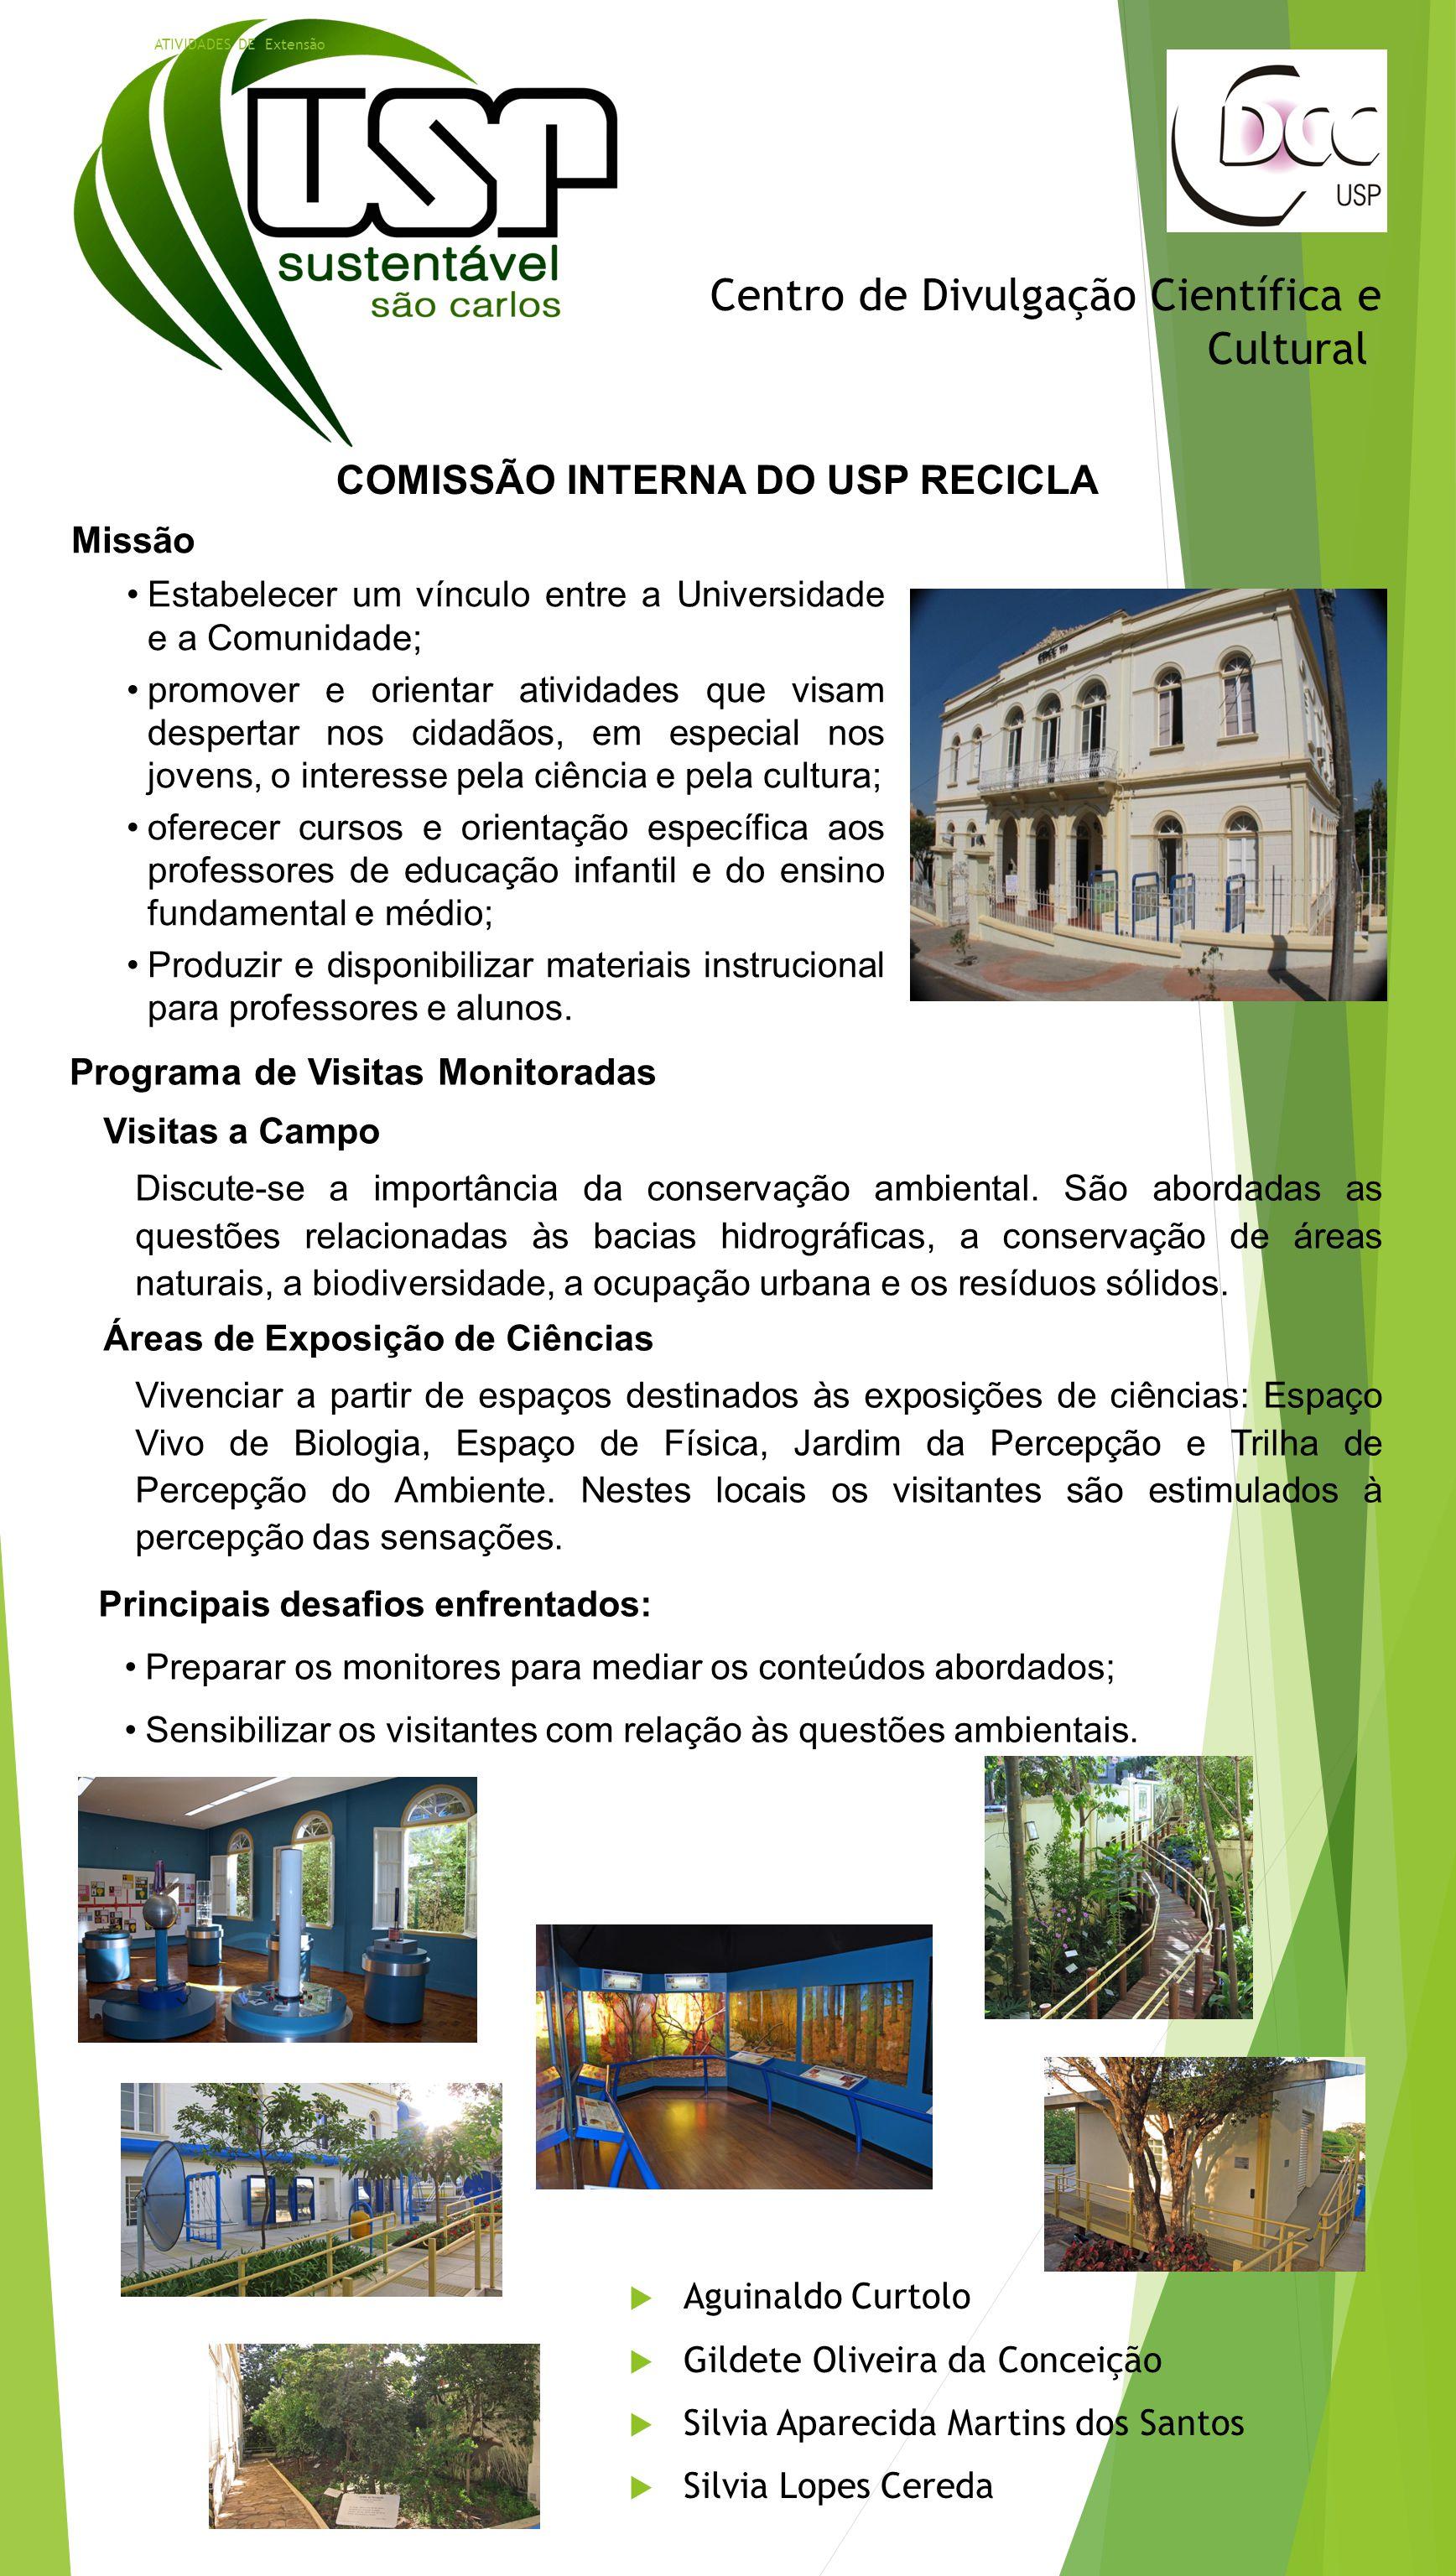 Centro de Divulgação Científica e Cultural COMISSÃO INTERNA DO USP RECICLA  Aguinaldo Curtolo  Gildete Oliveira da Conceição  Silvia Aparecida Mart